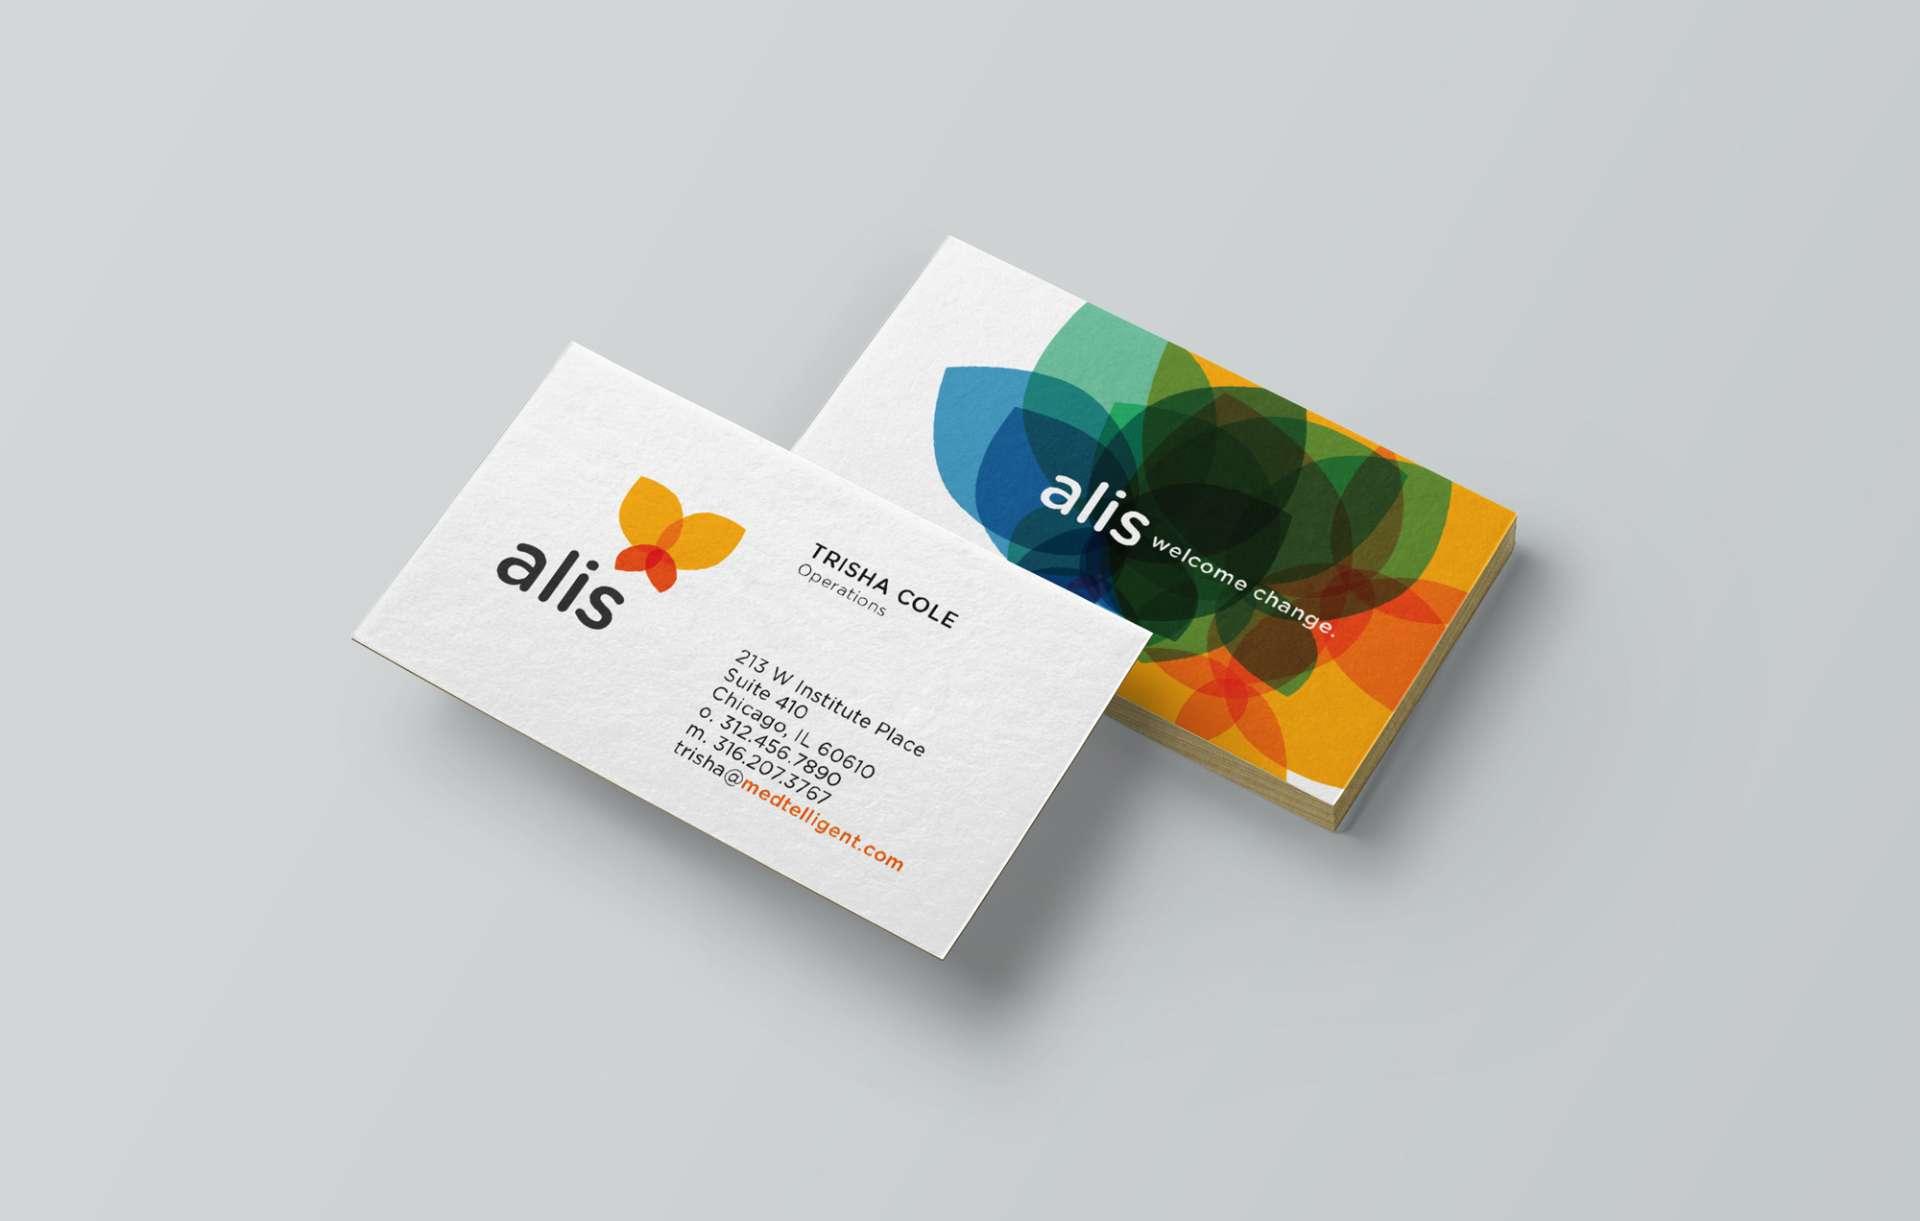 Business cards designed for technology platform ALIS.